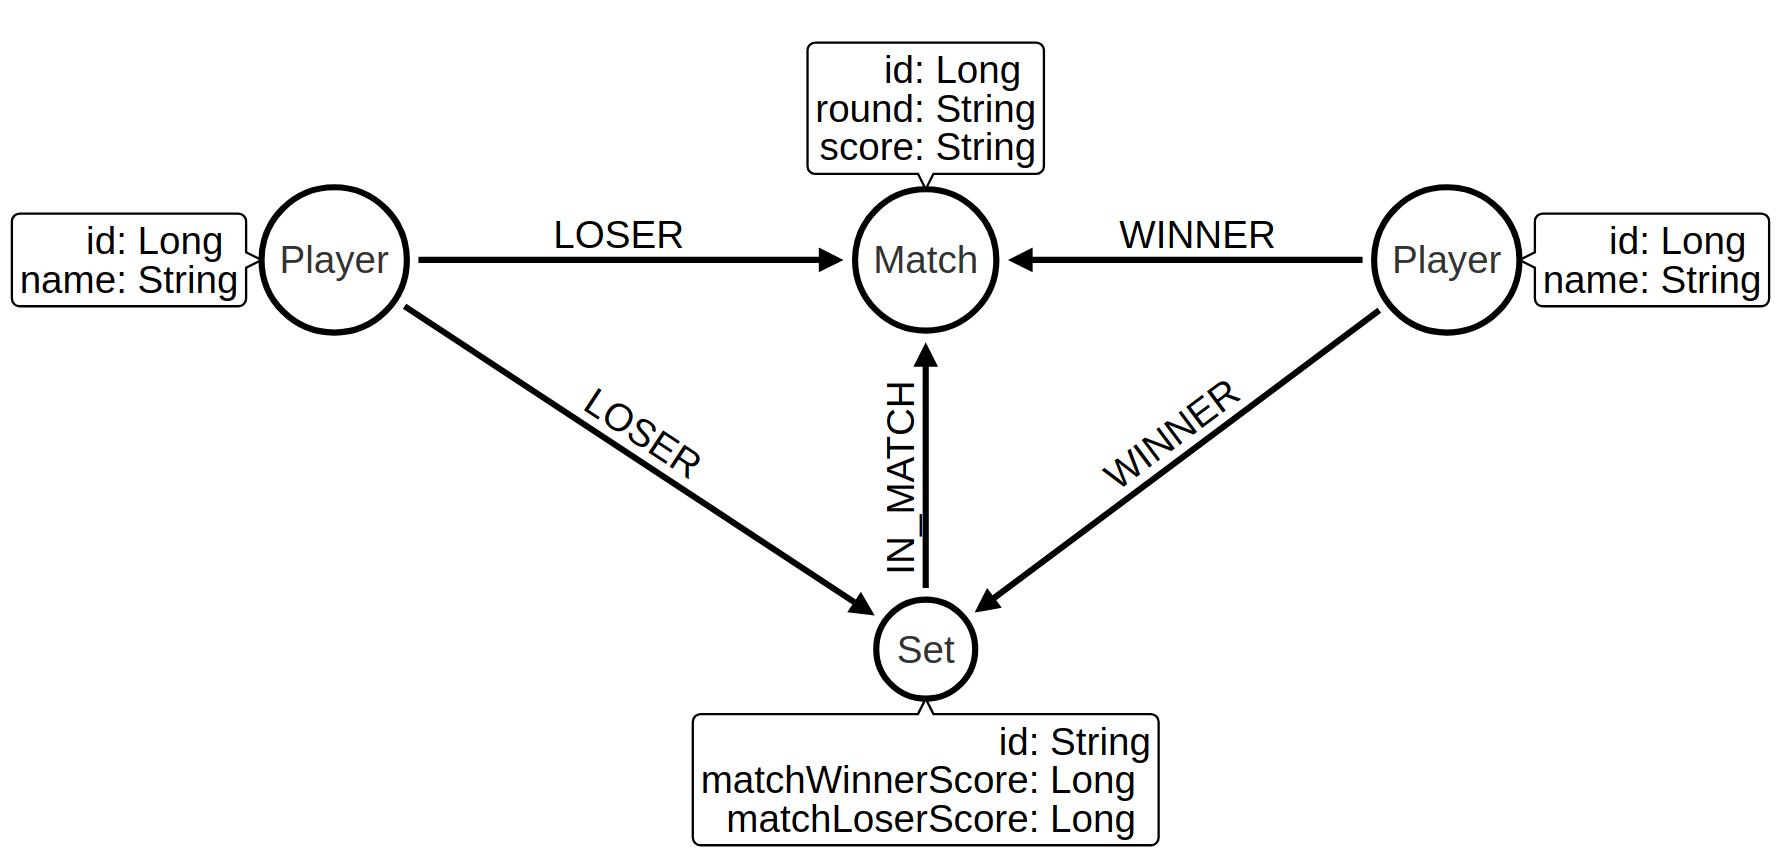 aus open graph model sets